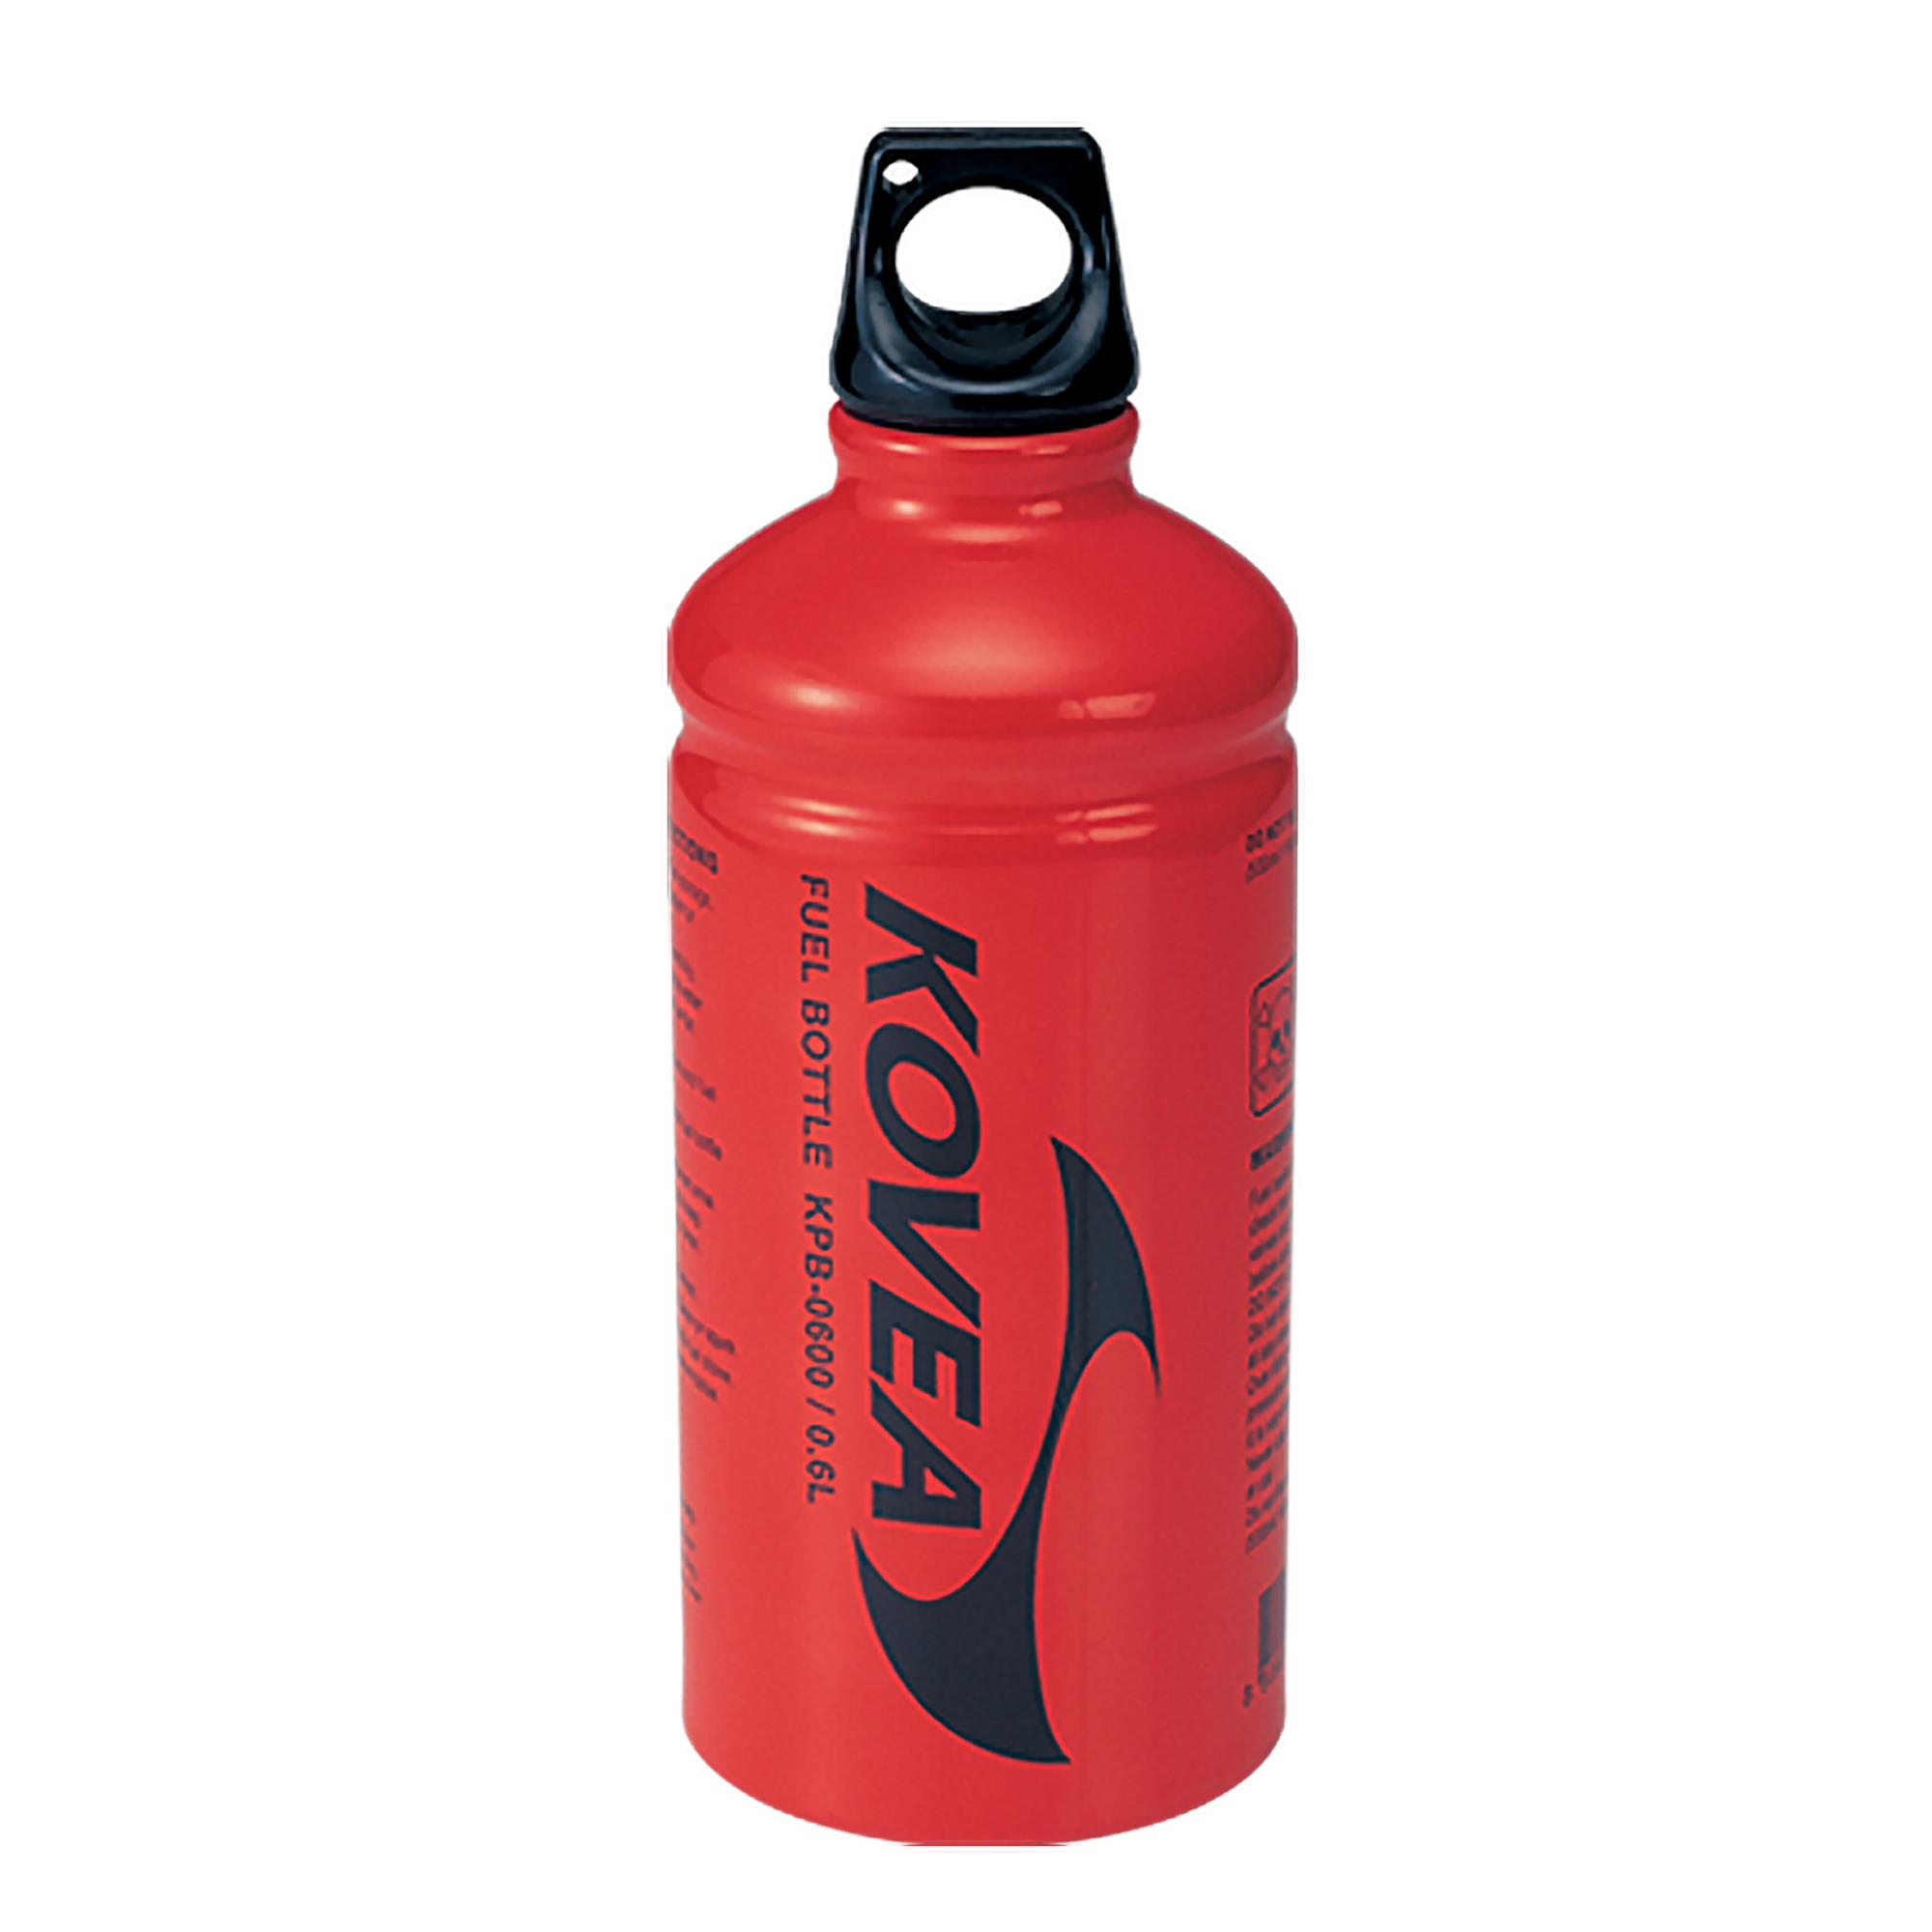 Купить Фляга для топлива Kovea Fuel Bottle 0.6 KPB-0600 в России